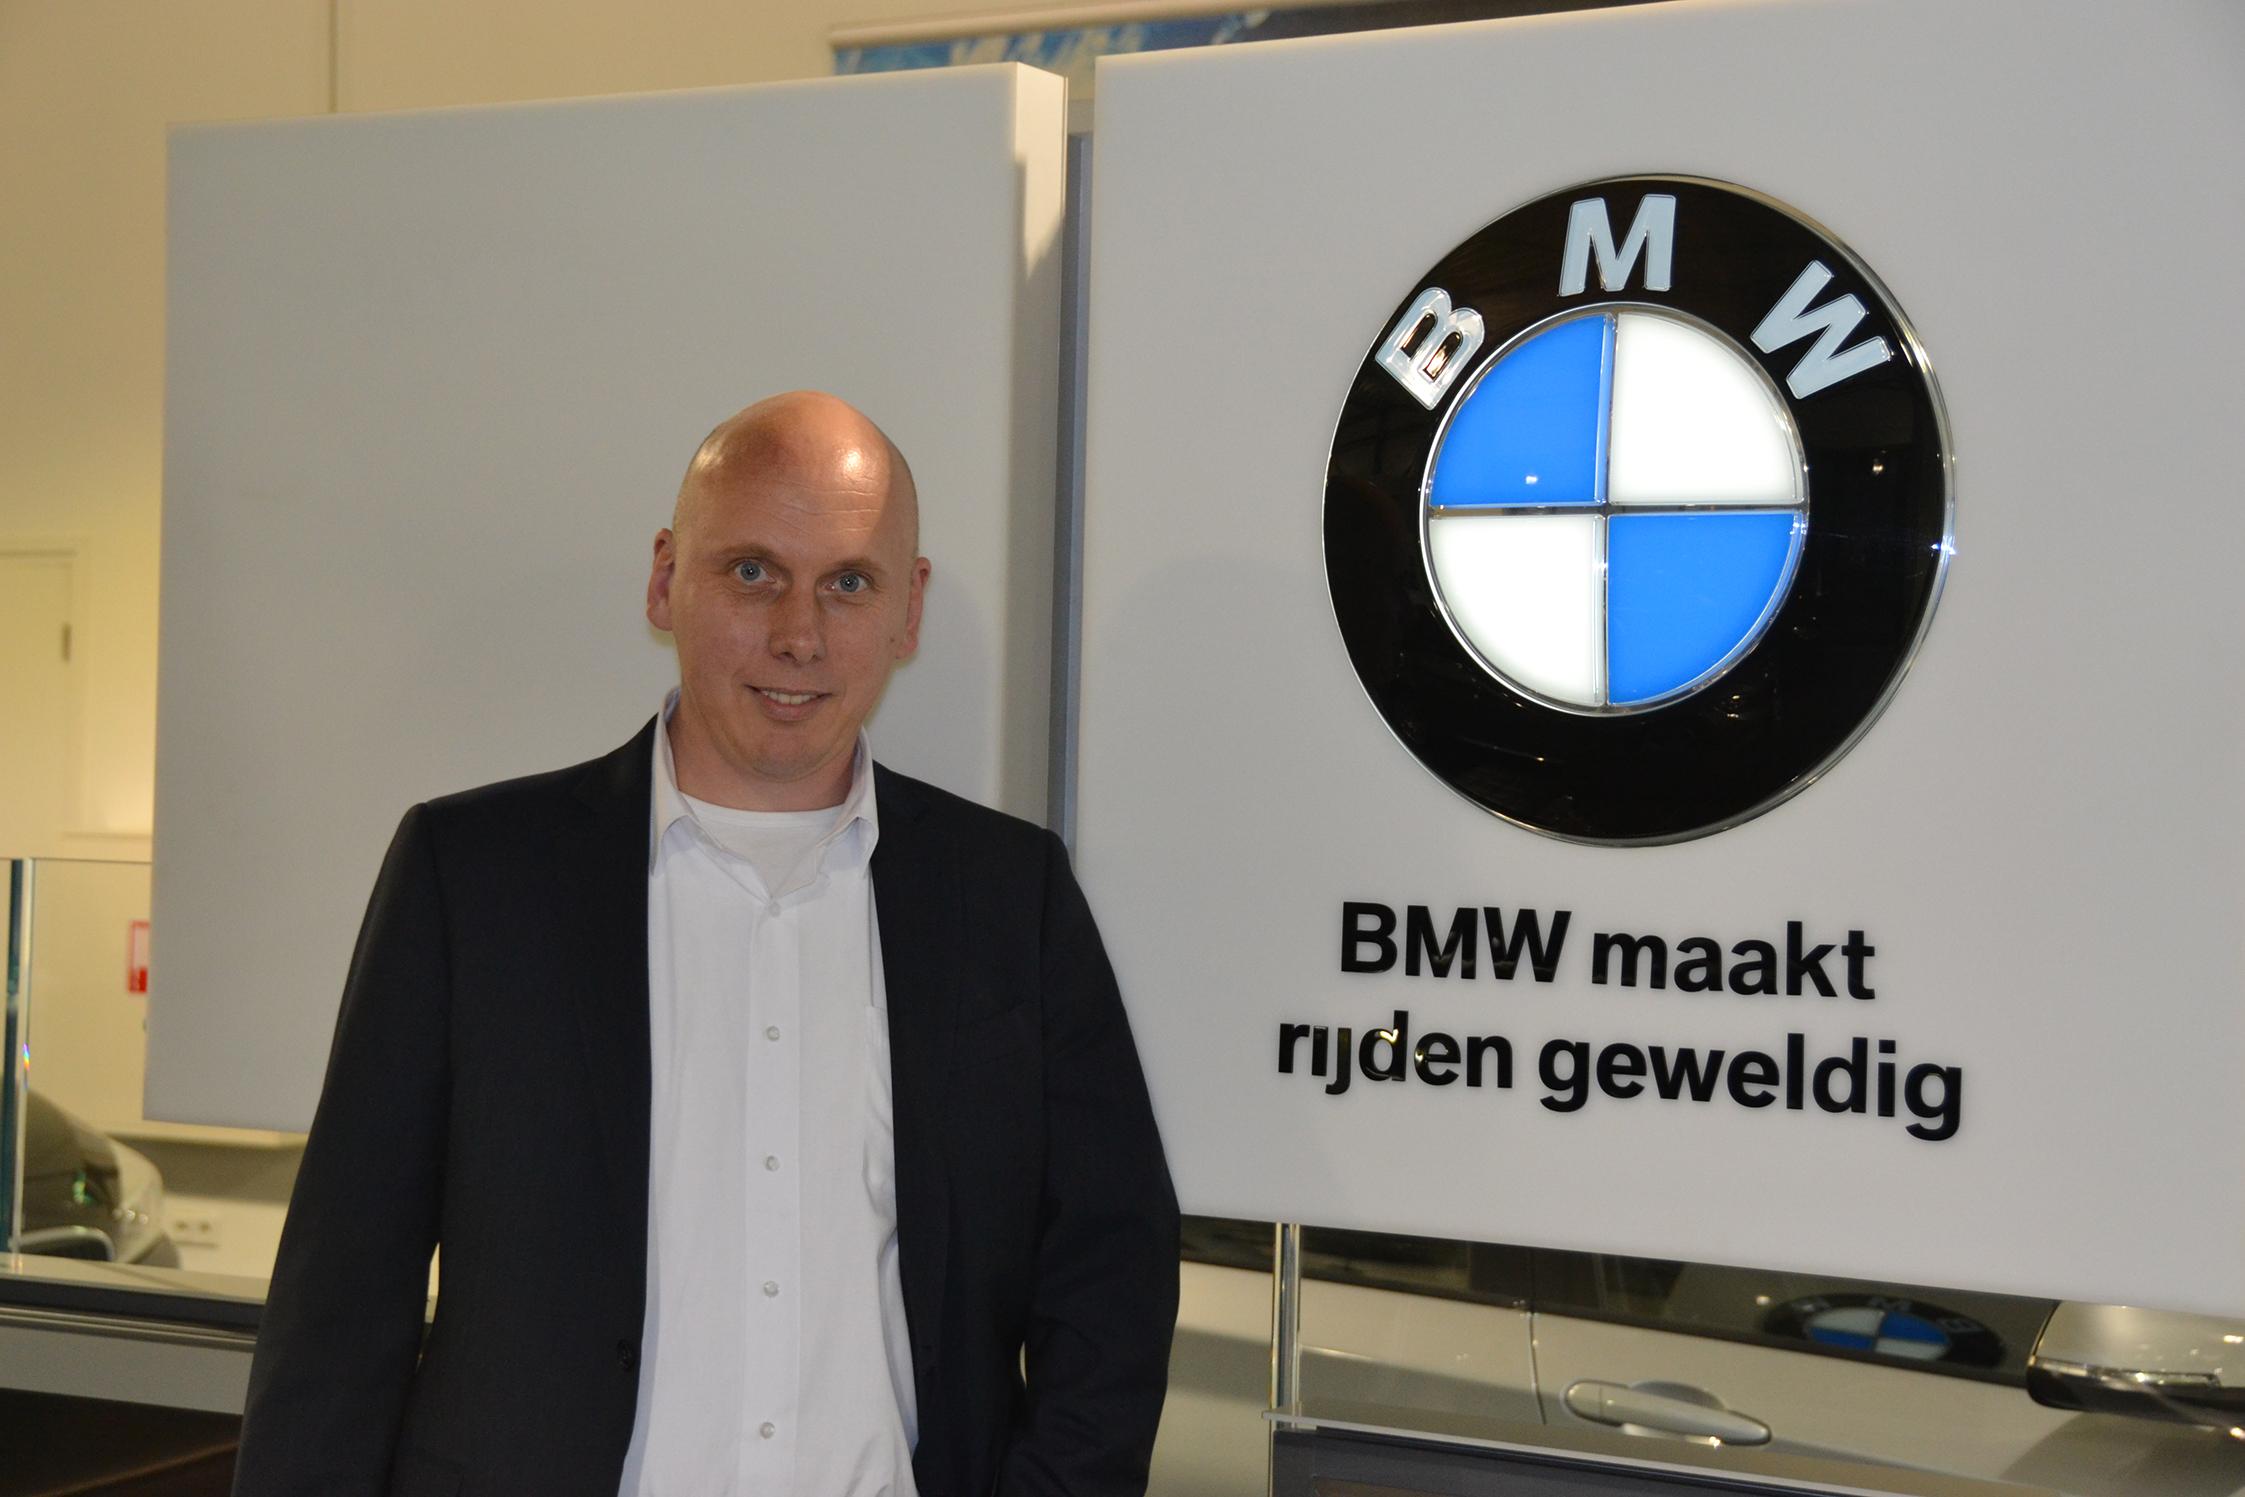 Rijden In Bmw 5 Serie Nu Bijzonder Aantrekkelijk Autopaper Meer